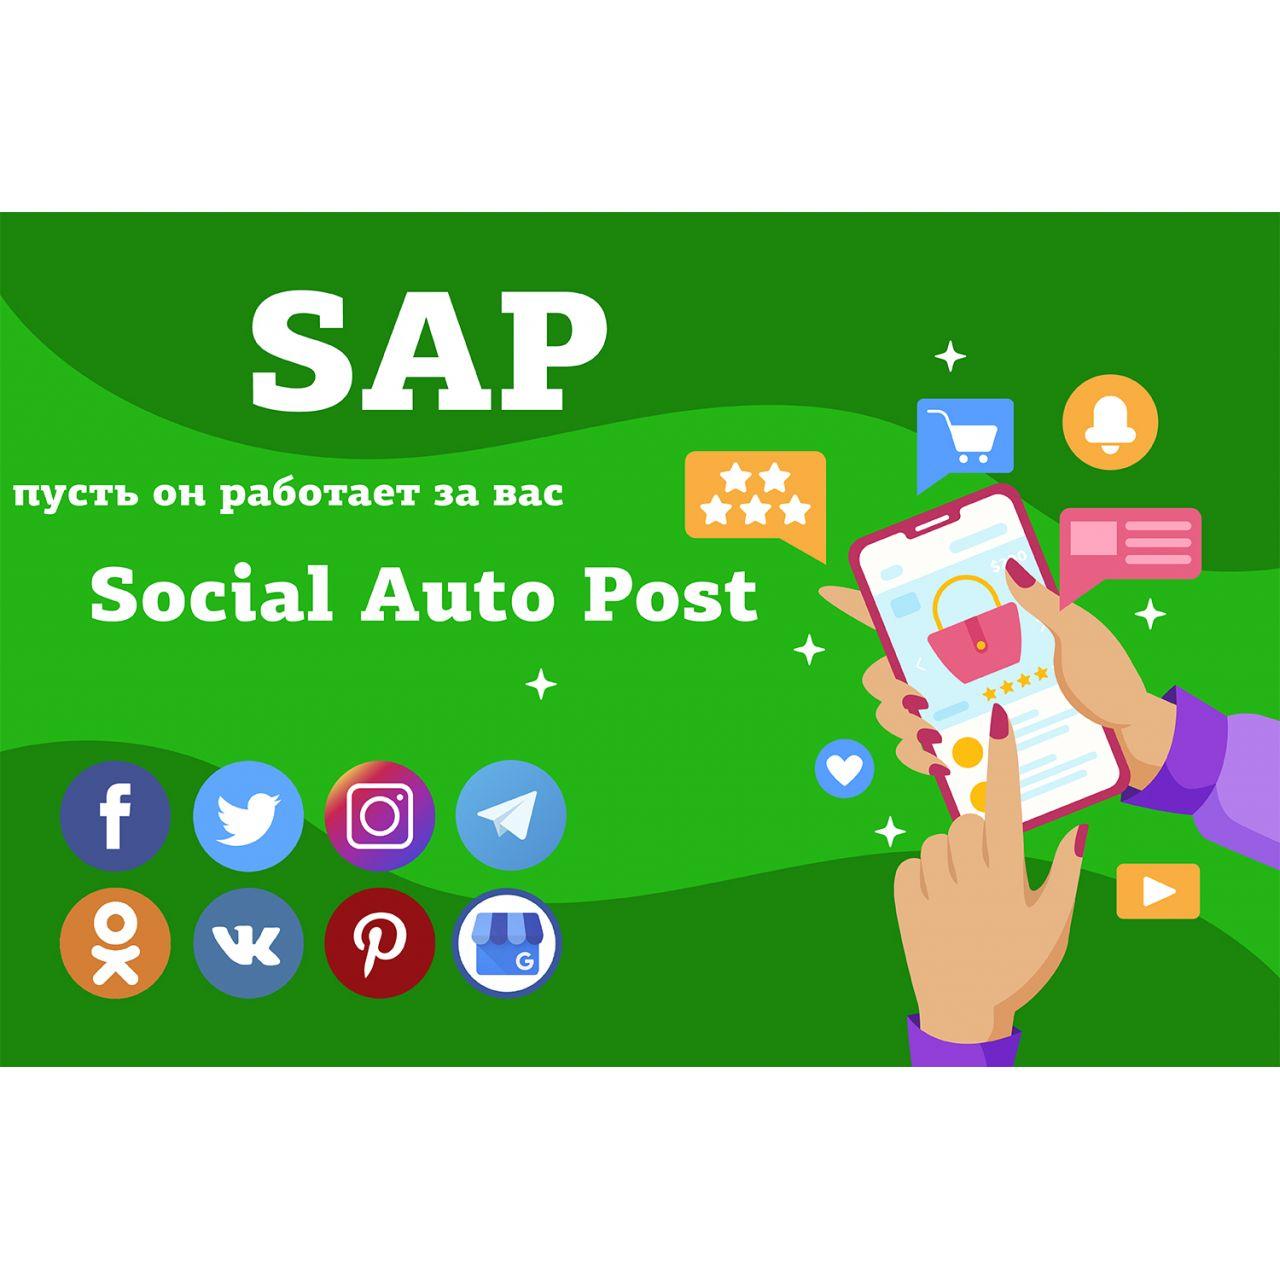 SAP - Social Auto Post из категории Социальные сети, отзывы для CMS OpenCart (ОпенКарт)